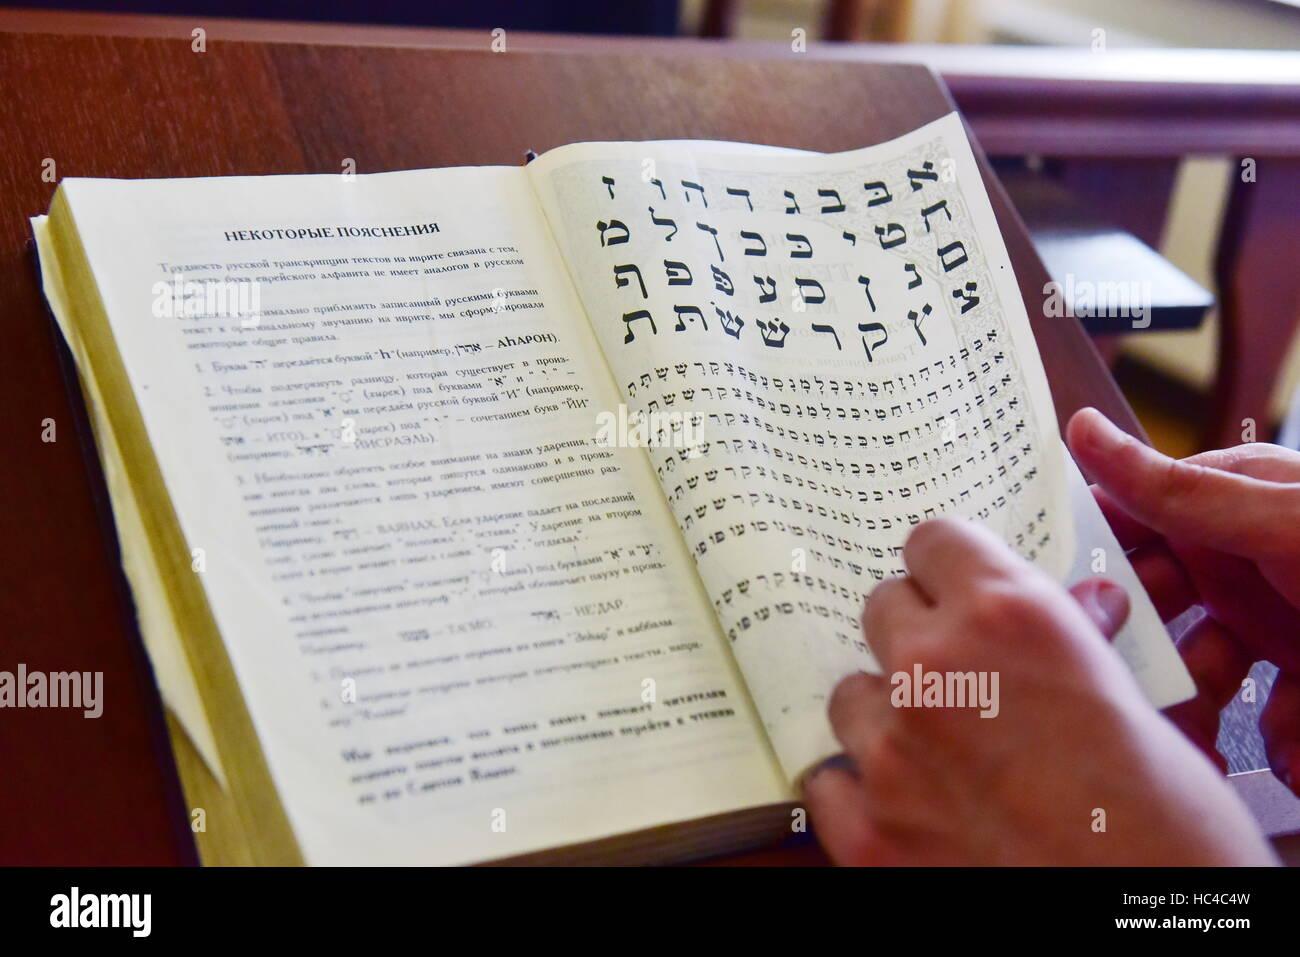 Pyatigorsk, Russia. 8th Dec, 2016. A siddur, a Jewish prayer book, at the Pyatigorsk synagogue. © Anton Podgaiko/TASS/Alamy - Stock Image